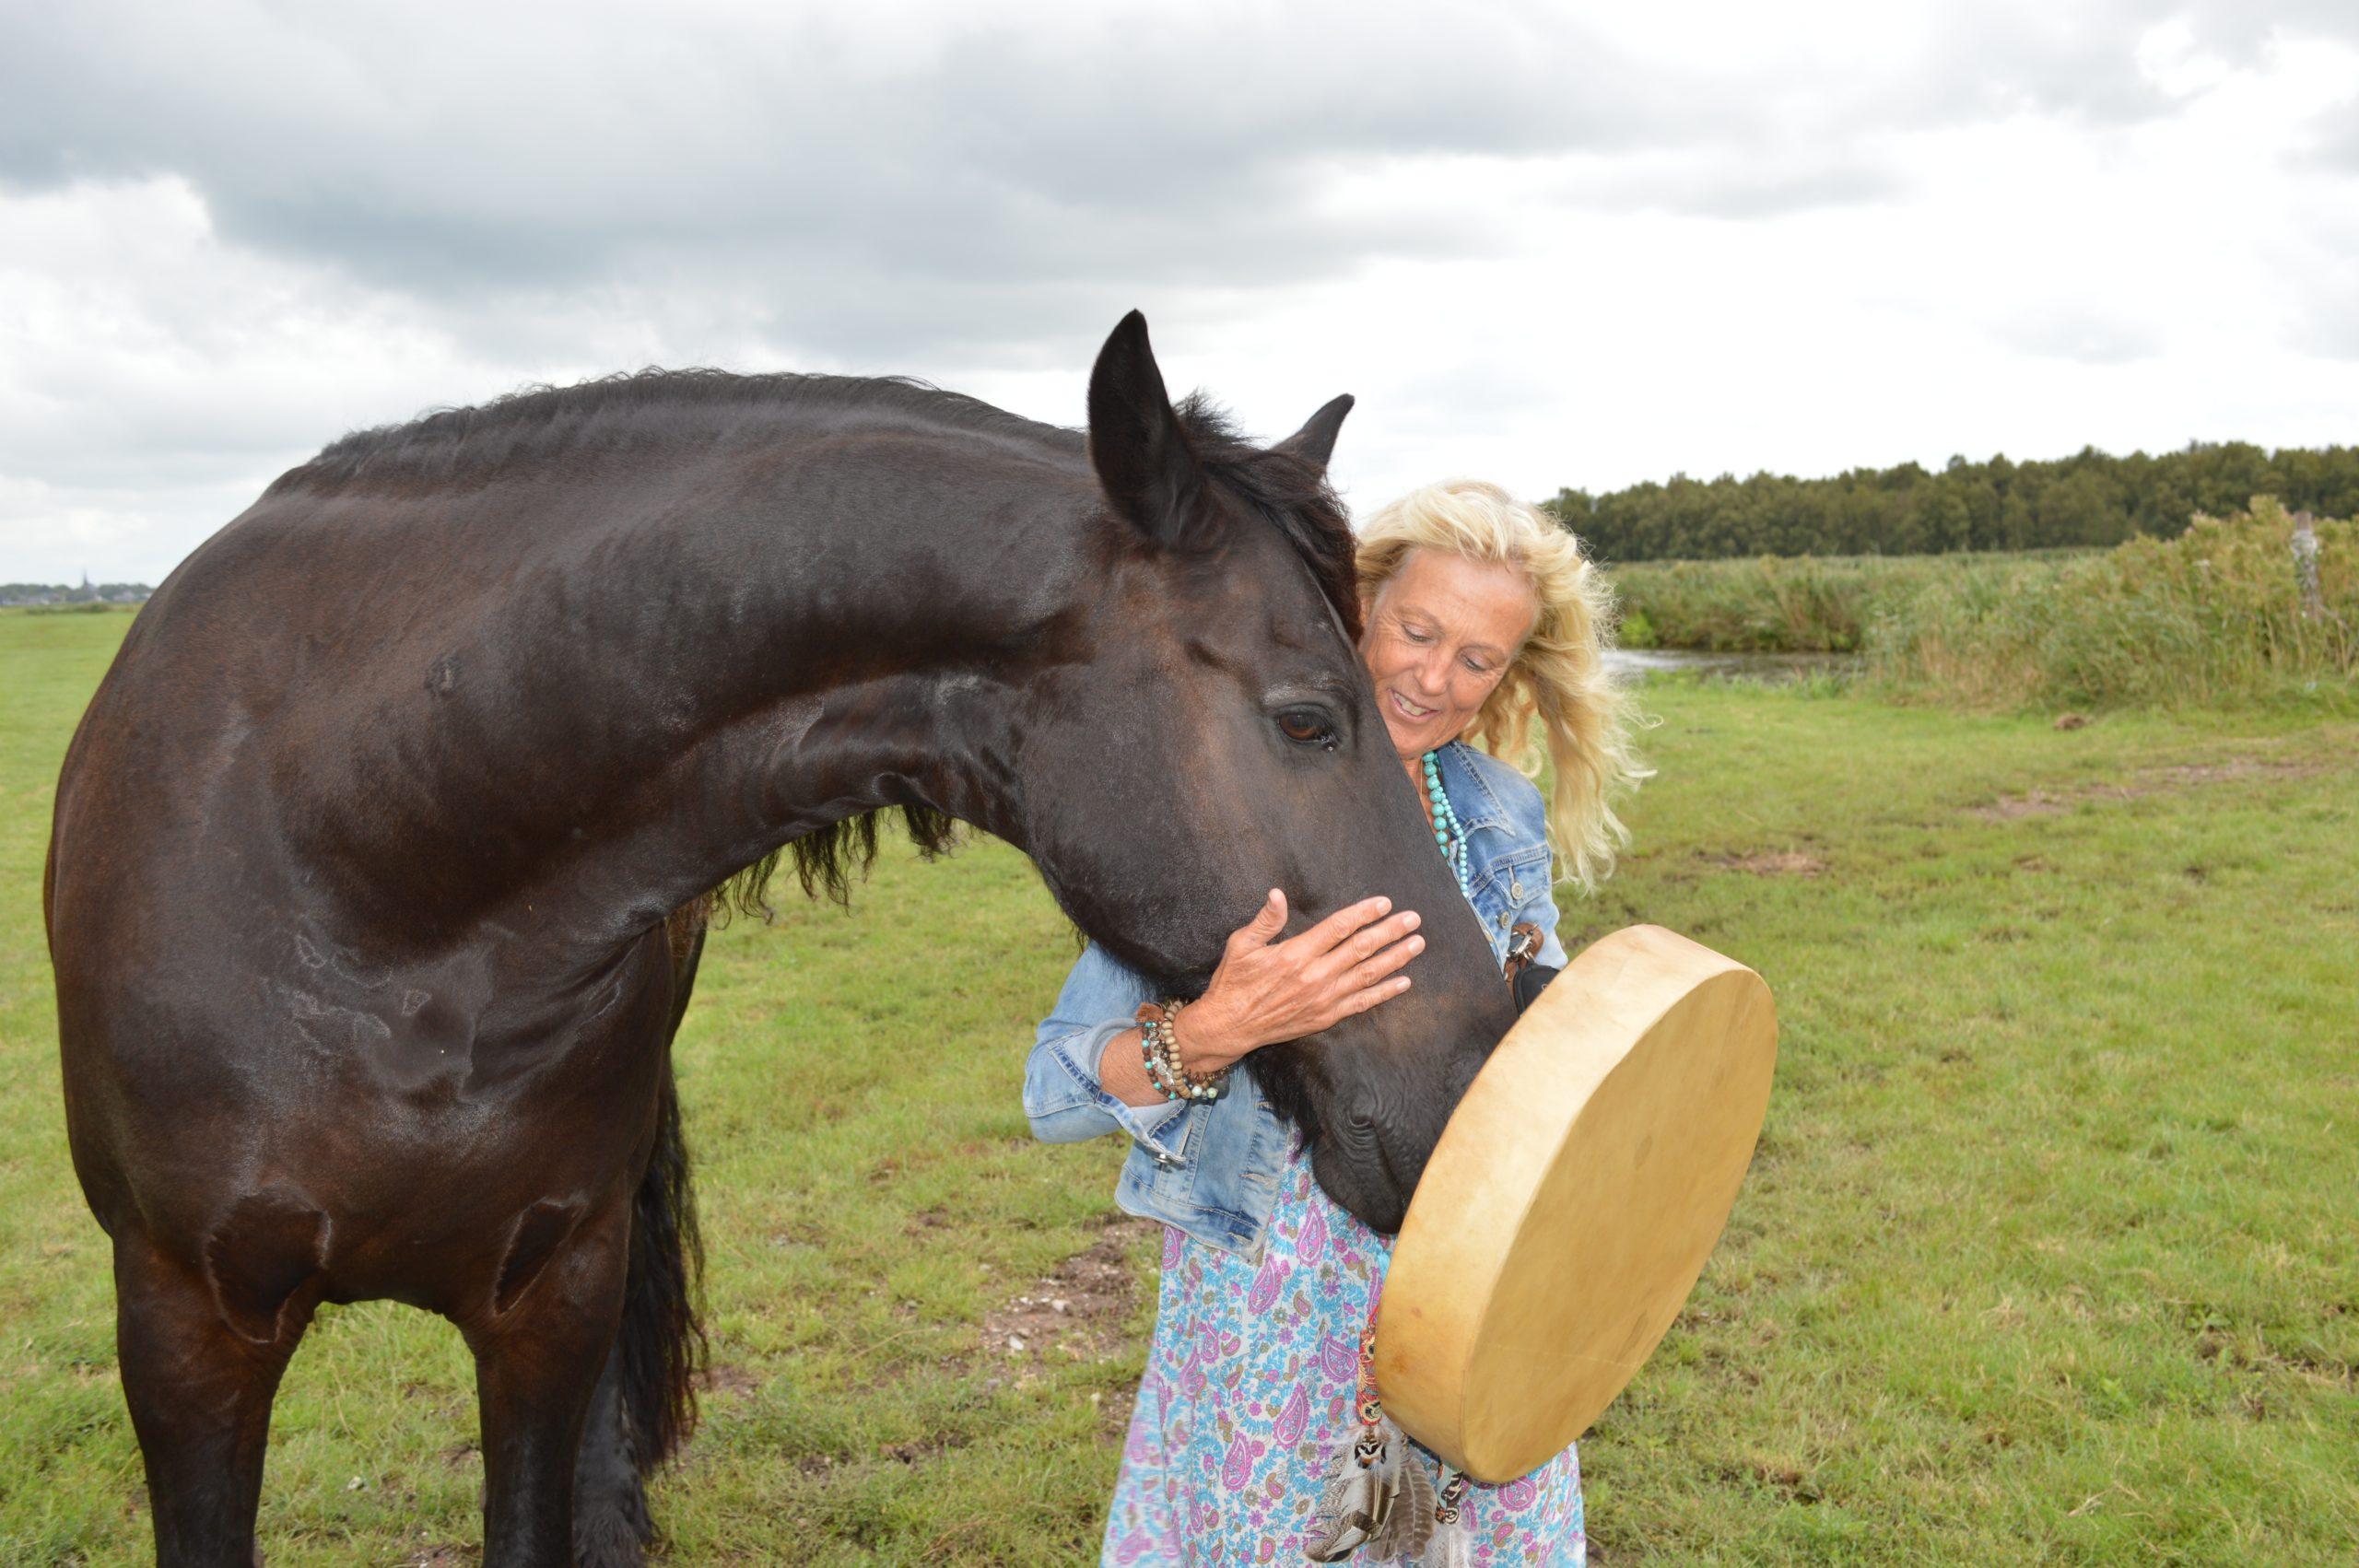 maak een reis naar binnen, paarden spiegelen je ziel